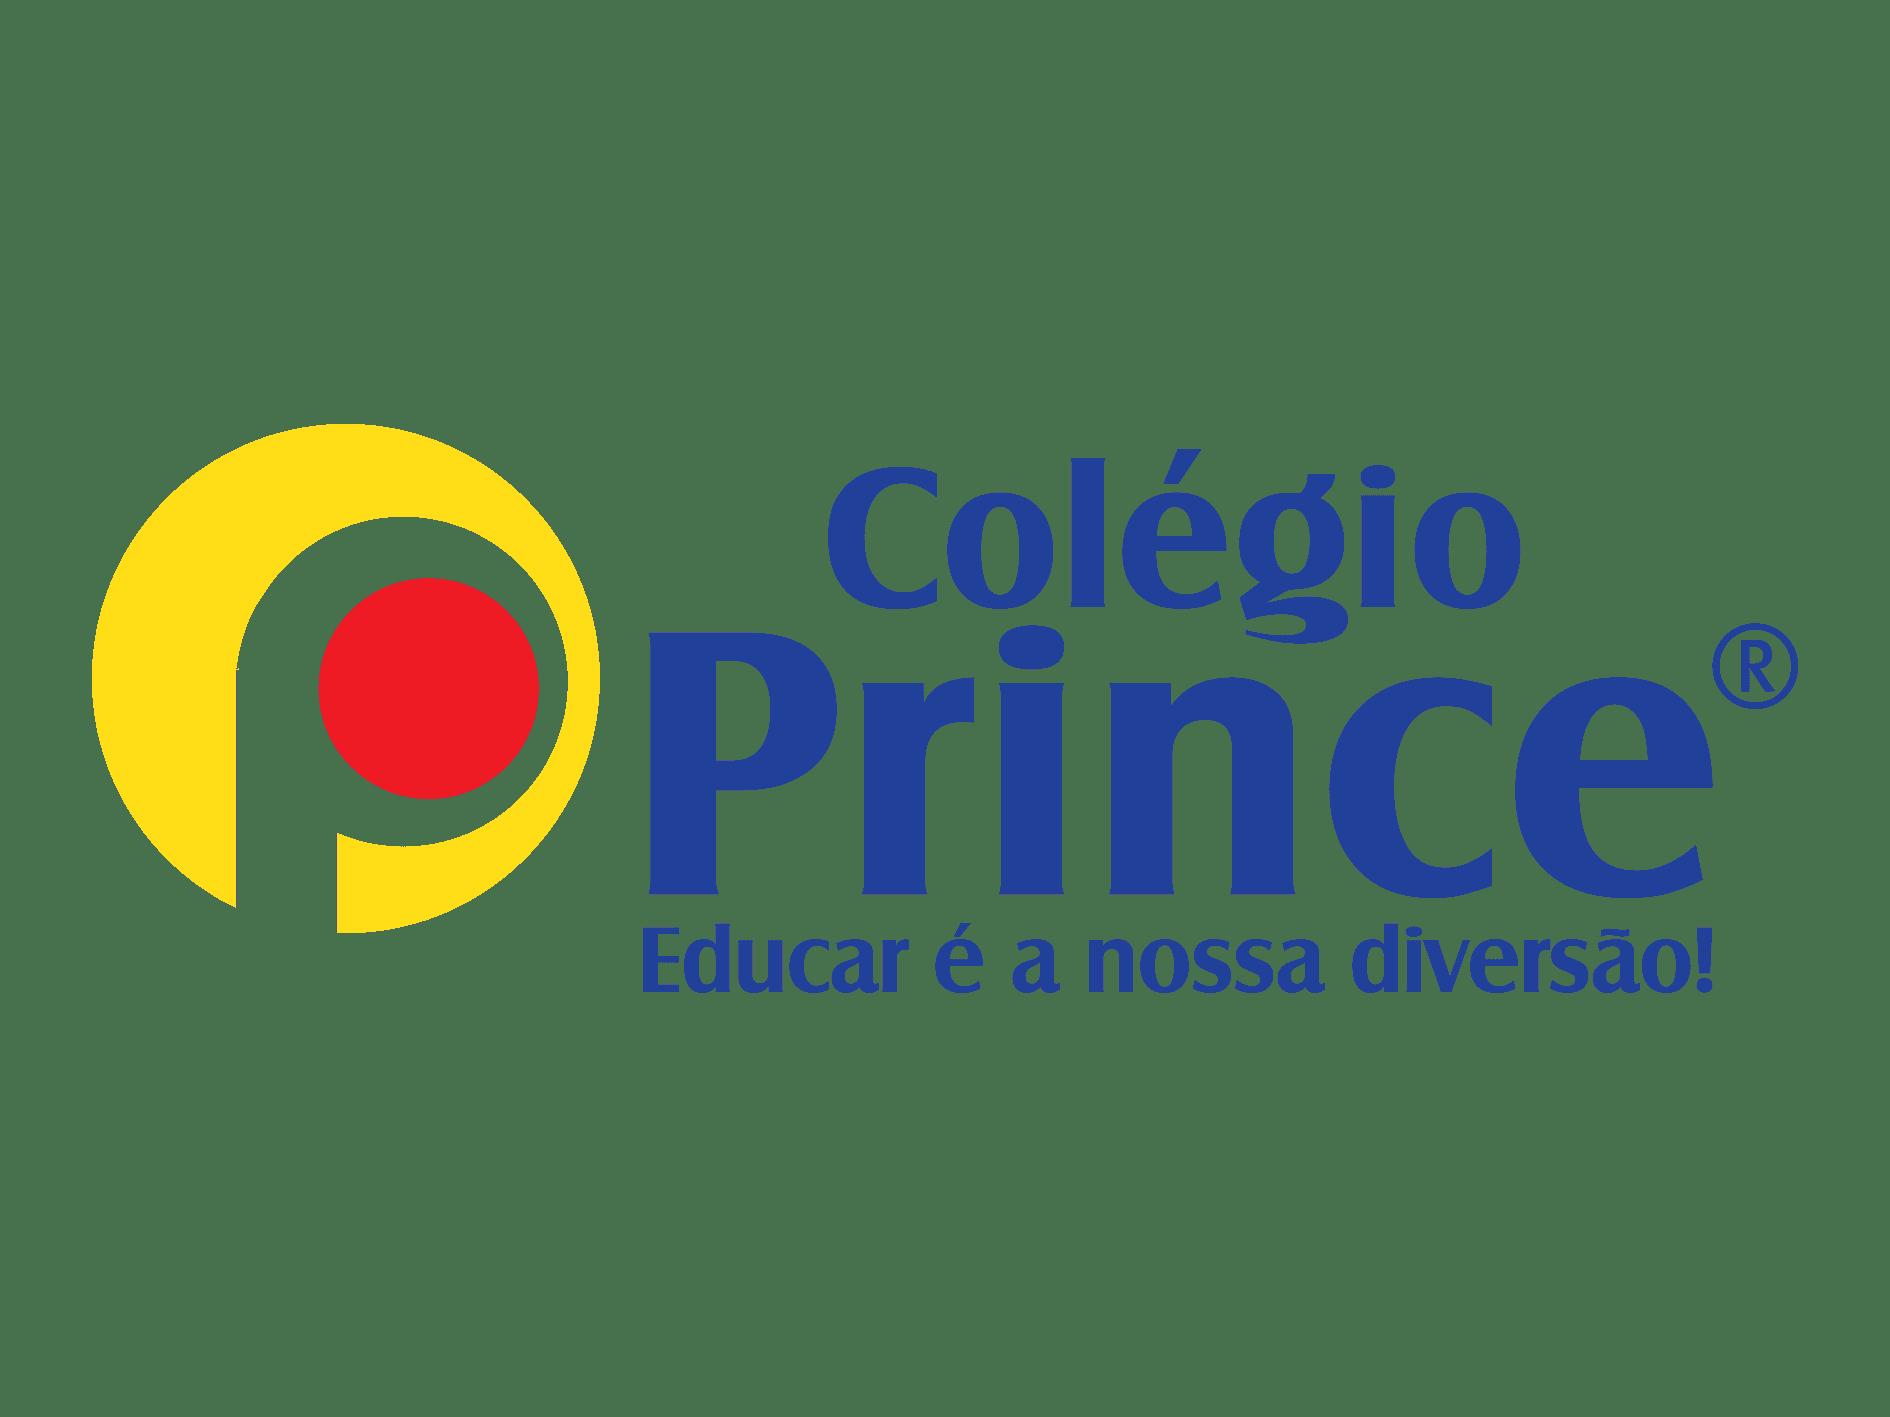 Colégio Prince